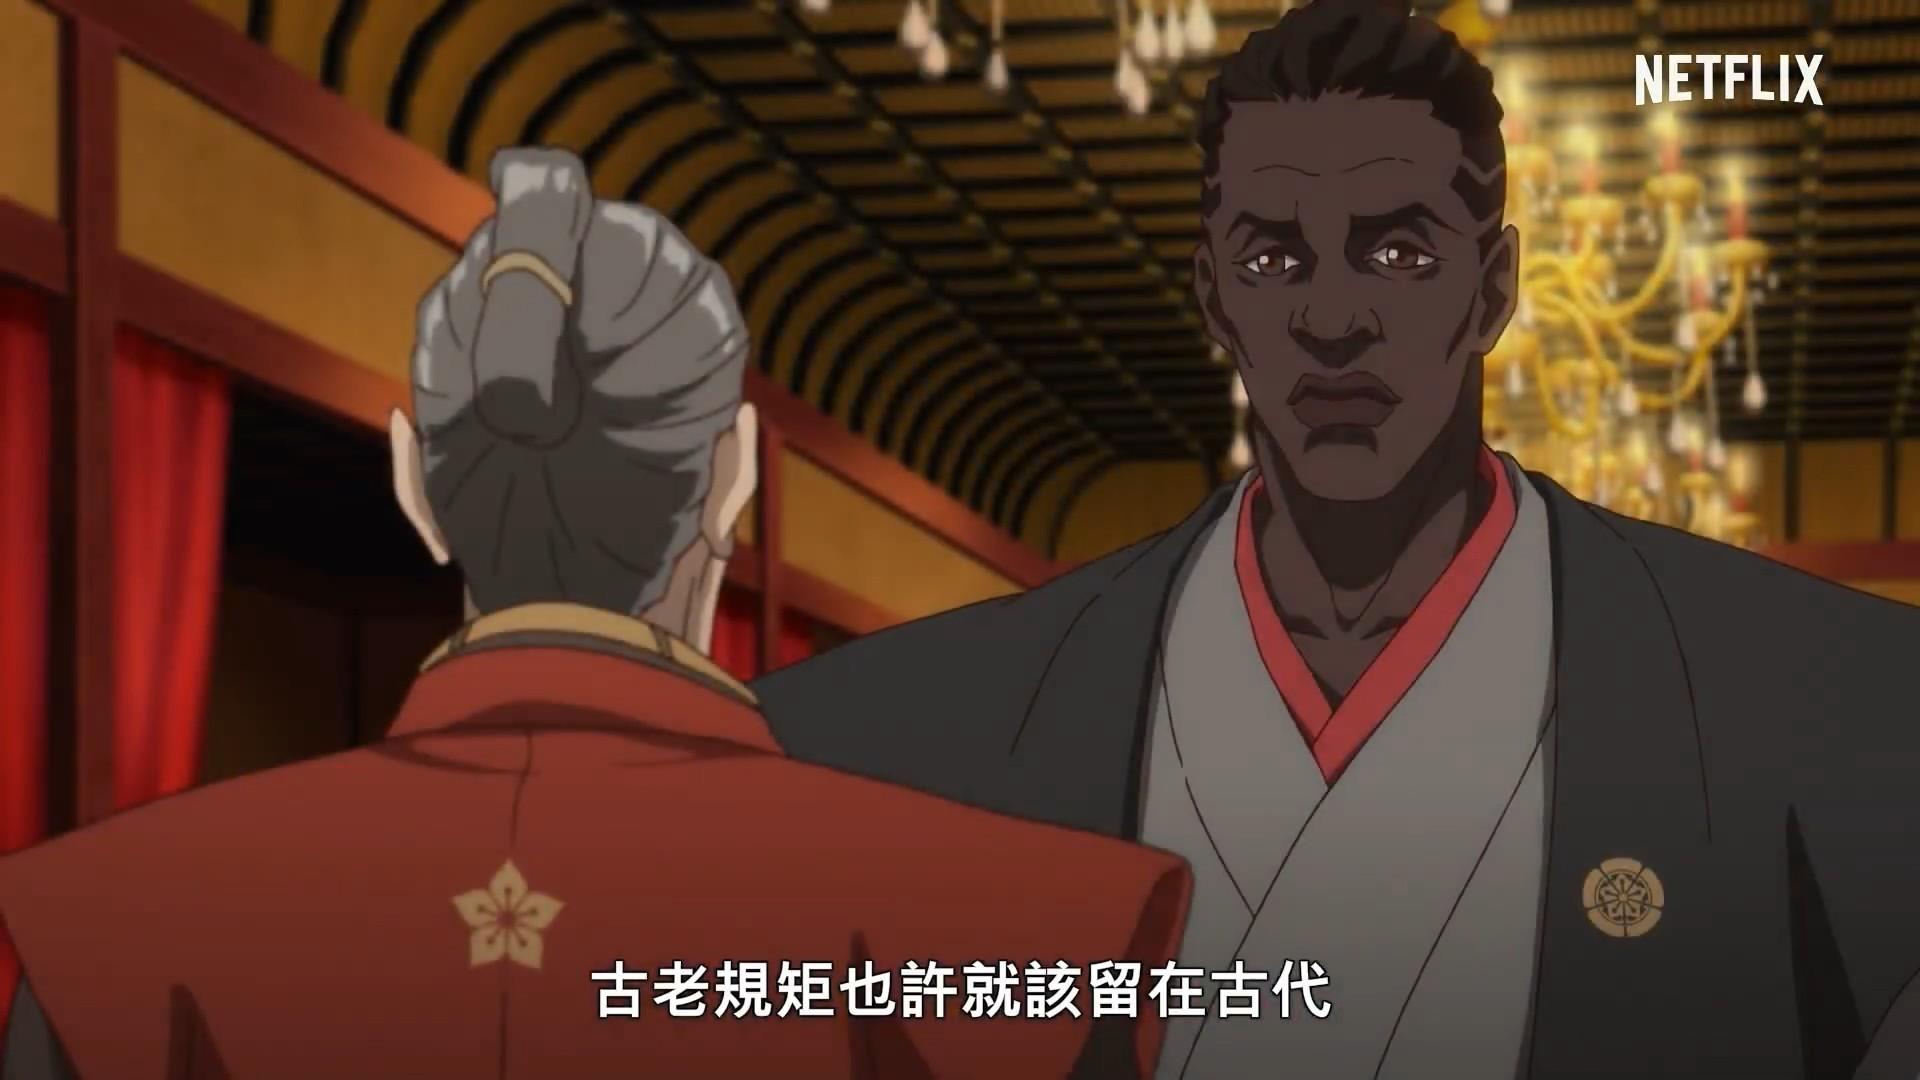 黑武士!Netflix动画「武士弥助」PV公开,4月29日上线